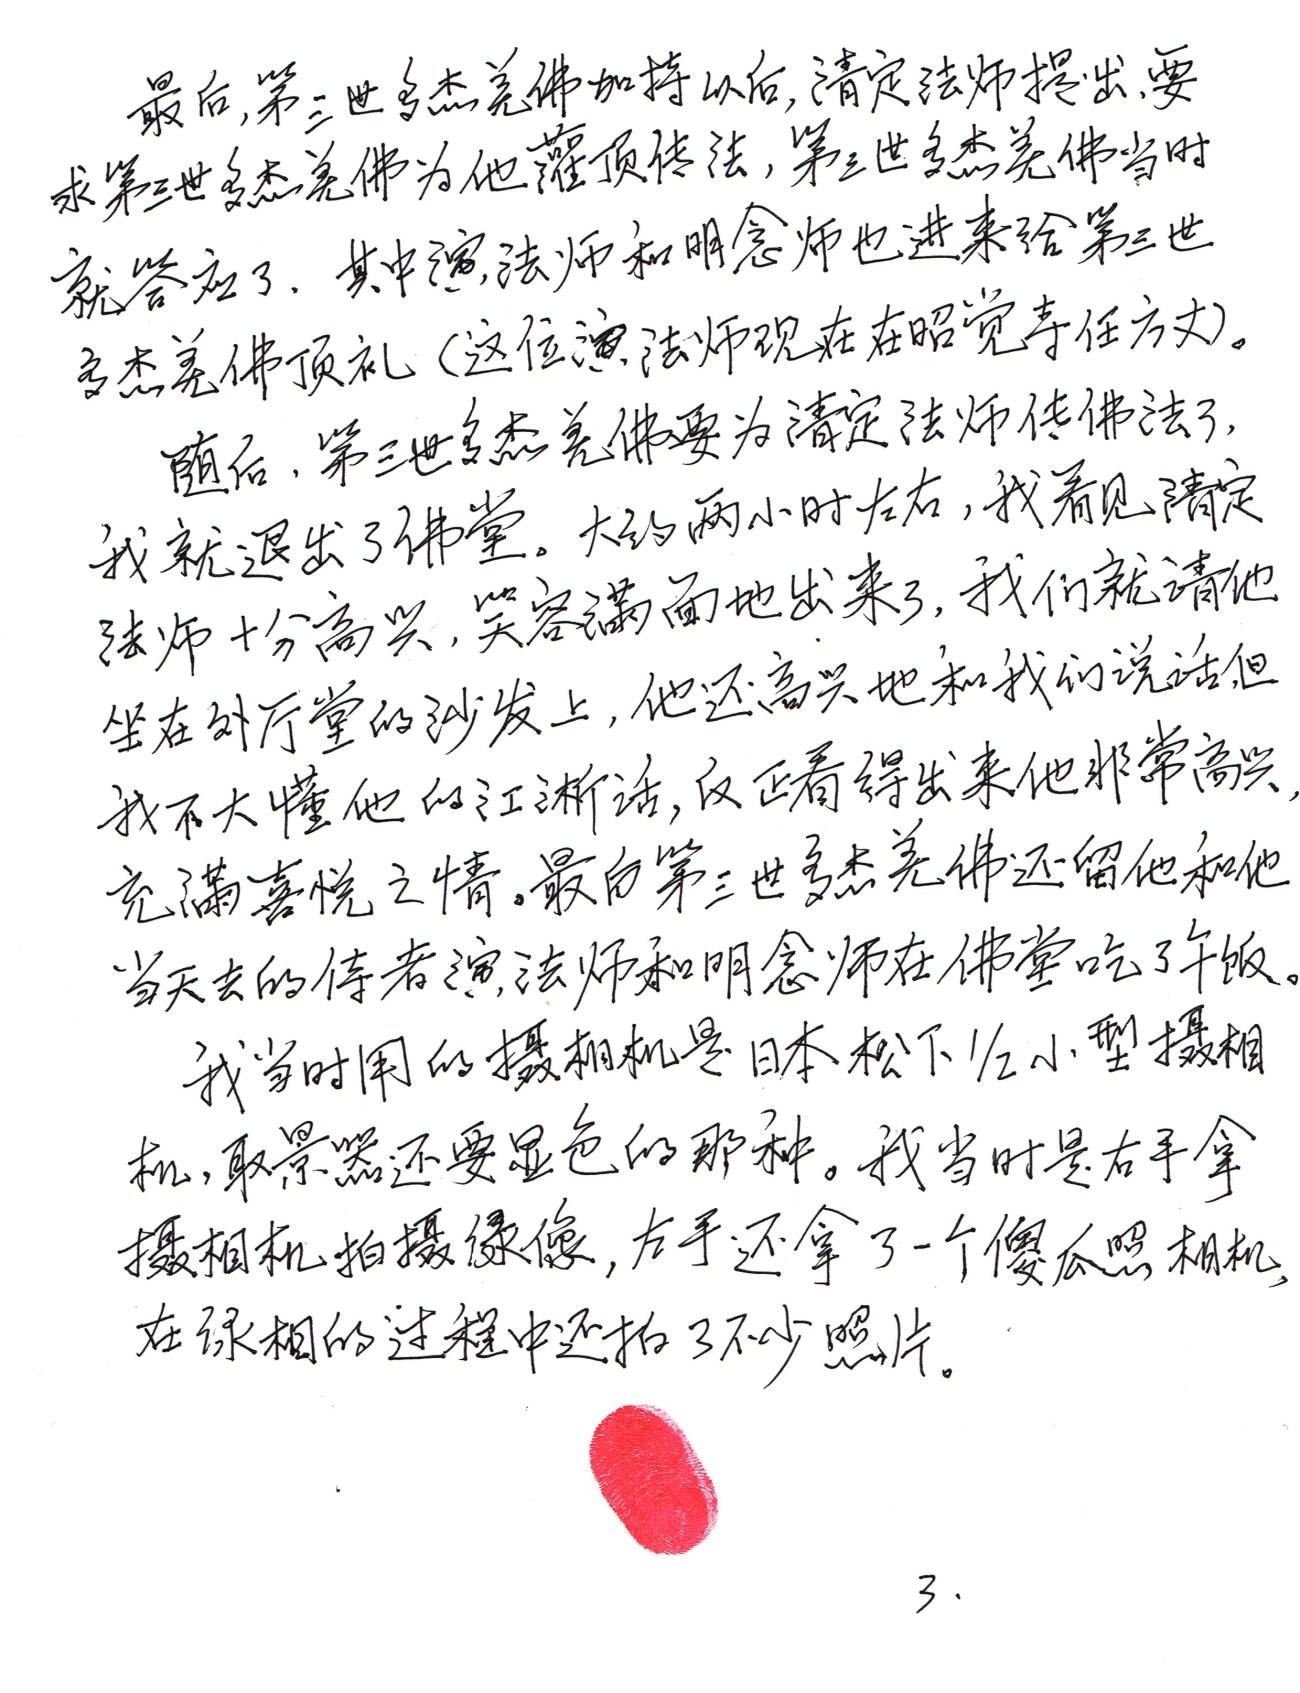 朱世勇證明拍攝清定拜師的錄像--Page 3 of 4